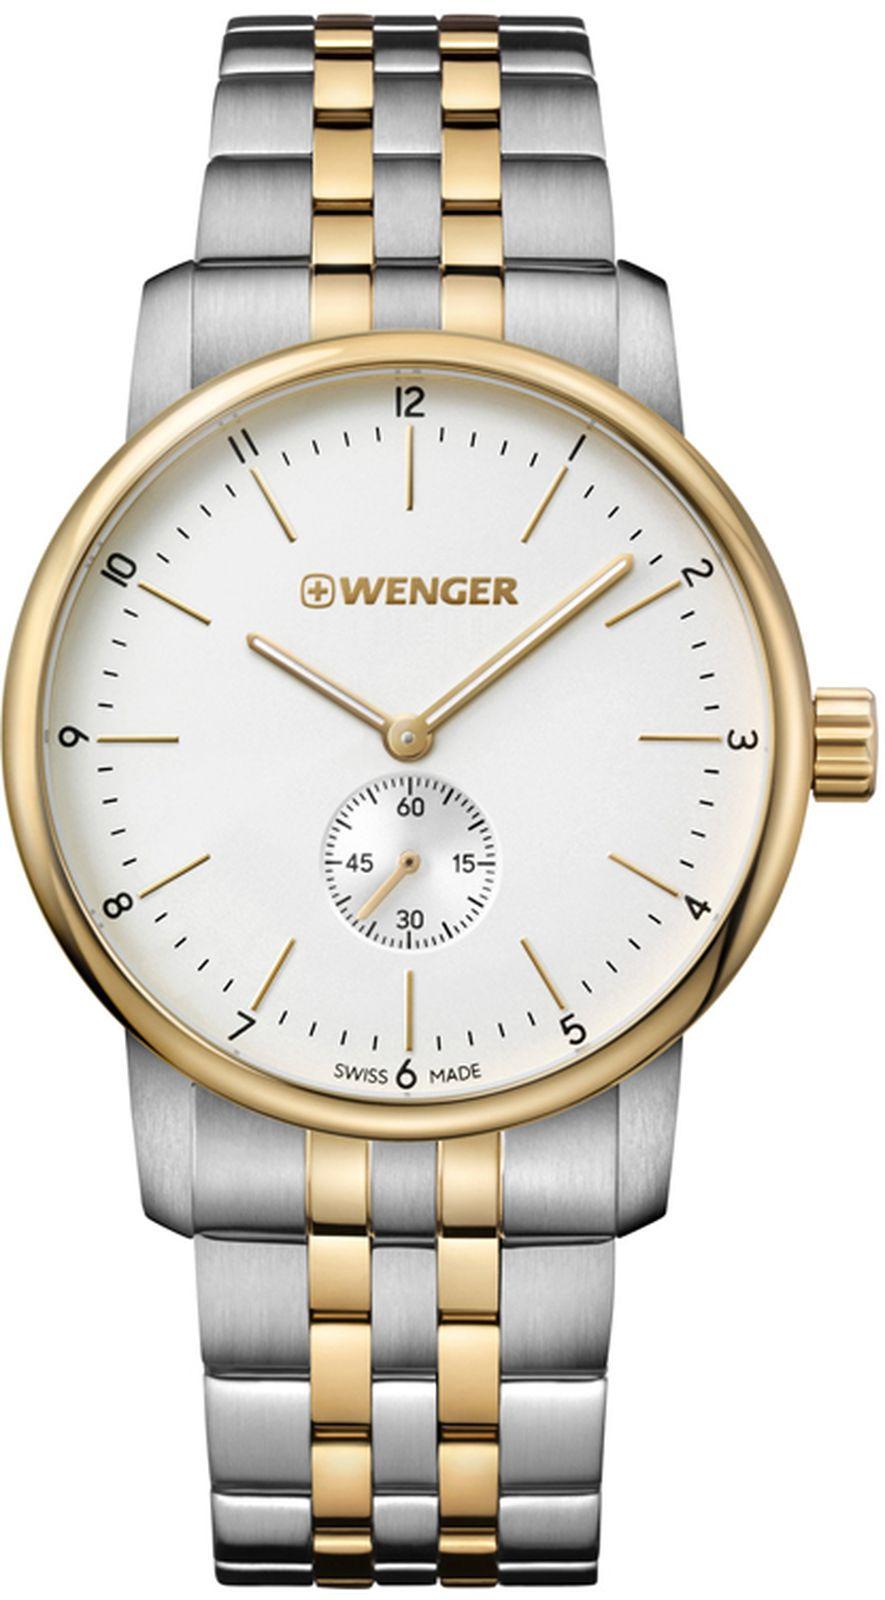 цена Наручные часы Wenger мужские, стальной, золотой онлайн в 2017 году